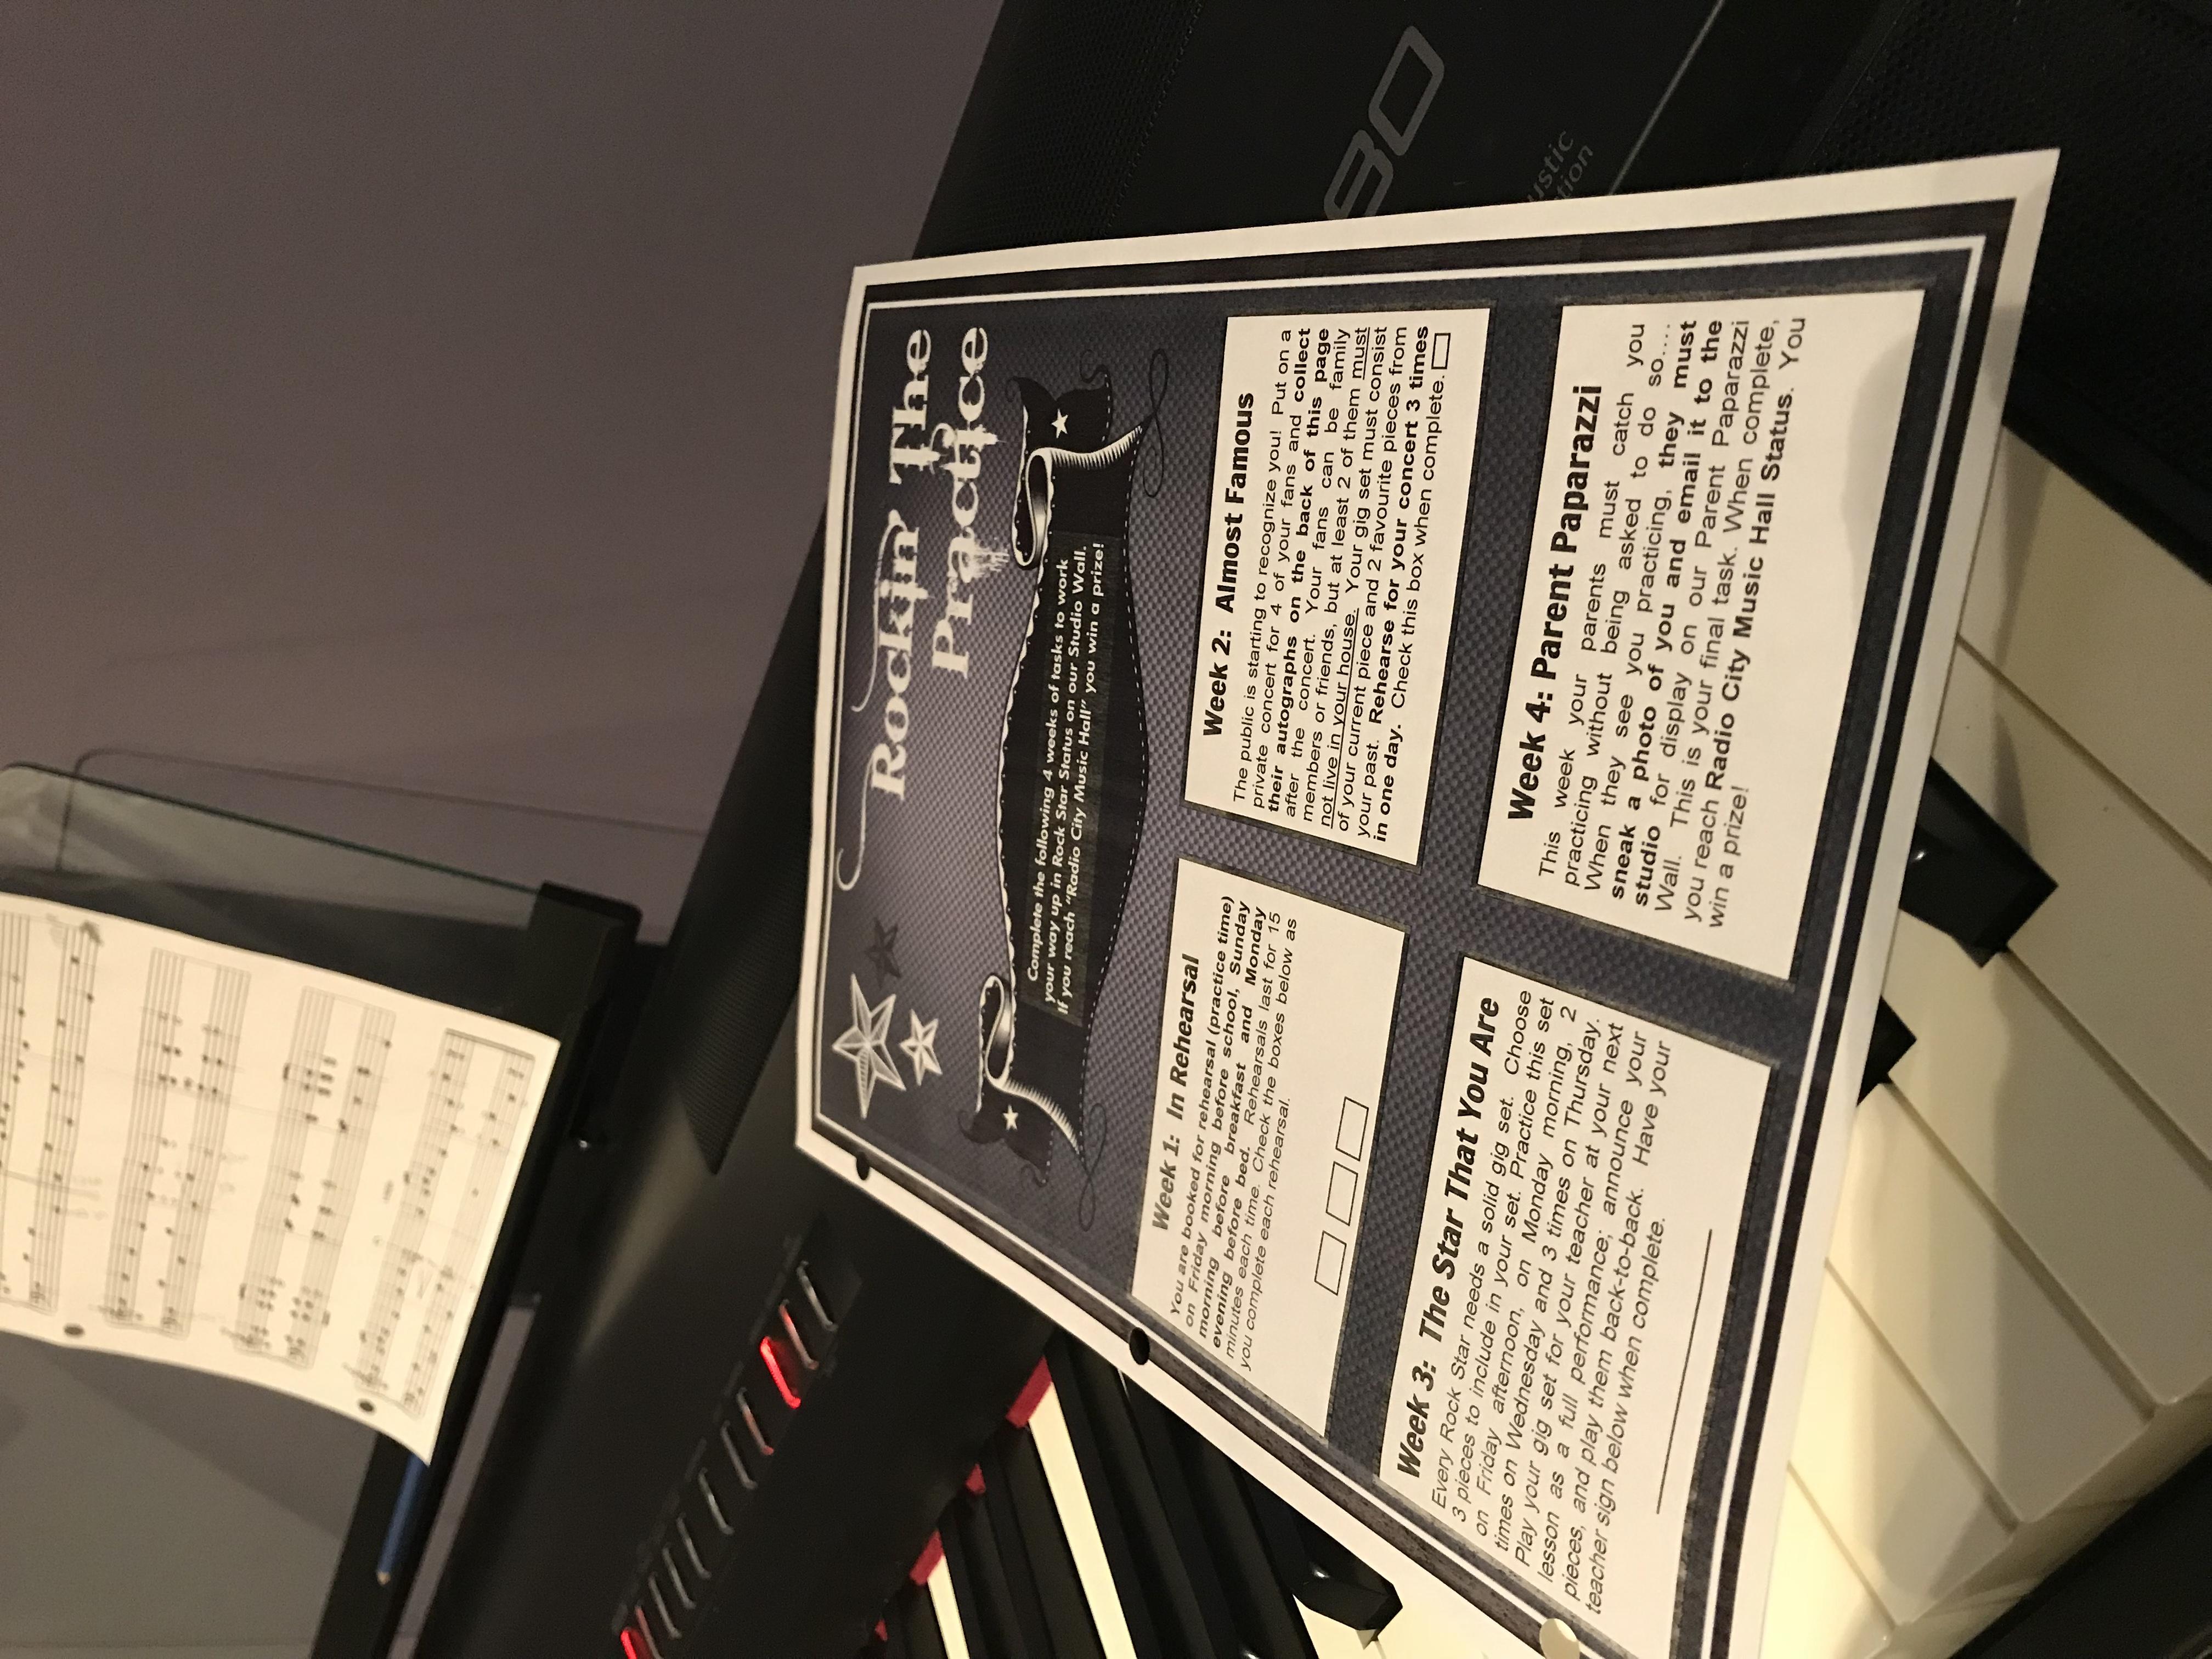 The Music Studio - Music Studio News